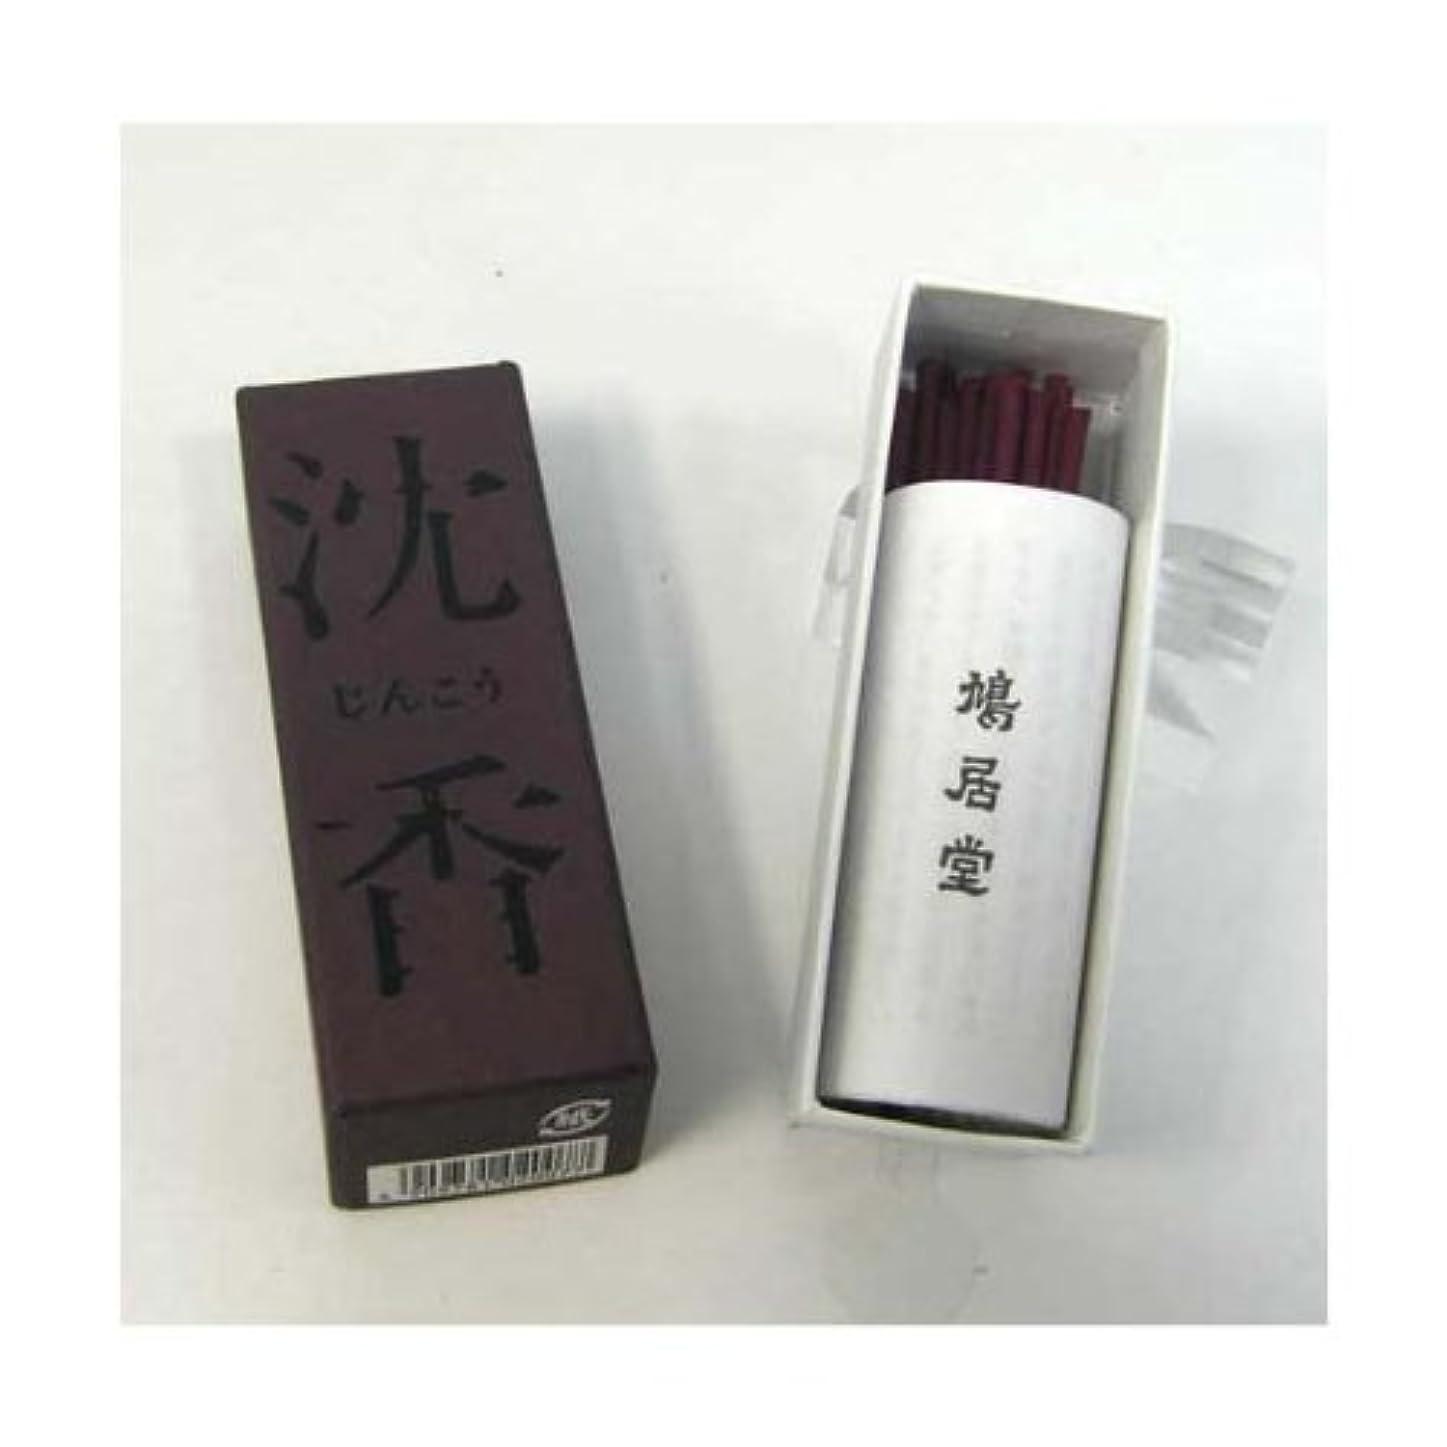 ラダバッチビスケット鳩居堂 お香 沈香 香木の香りシリーズ スティックタイプ(棒状香)20本いり